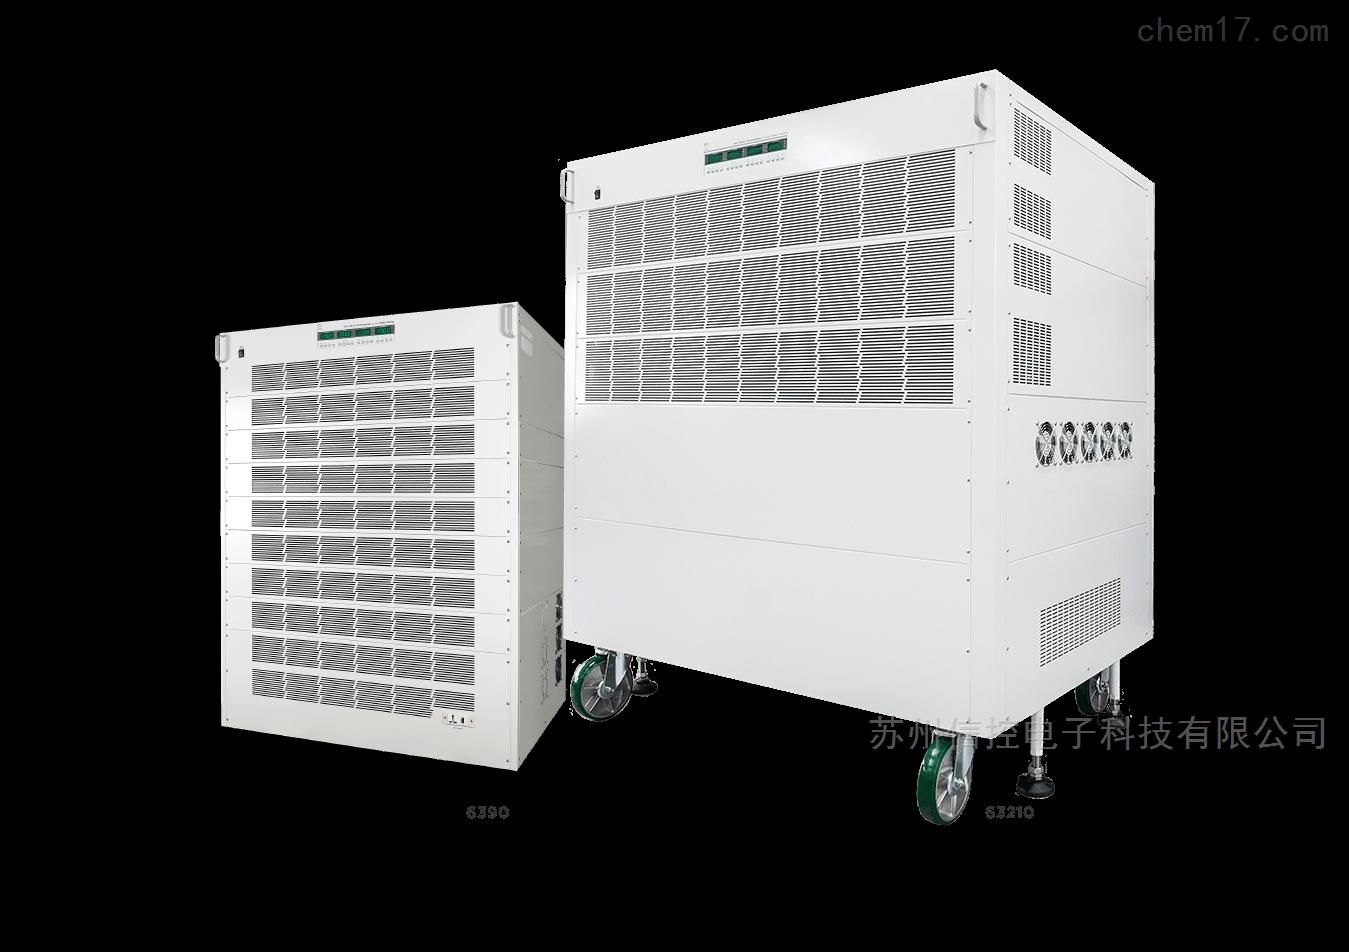 华仪6300 系列高功率可编程三相交流电源